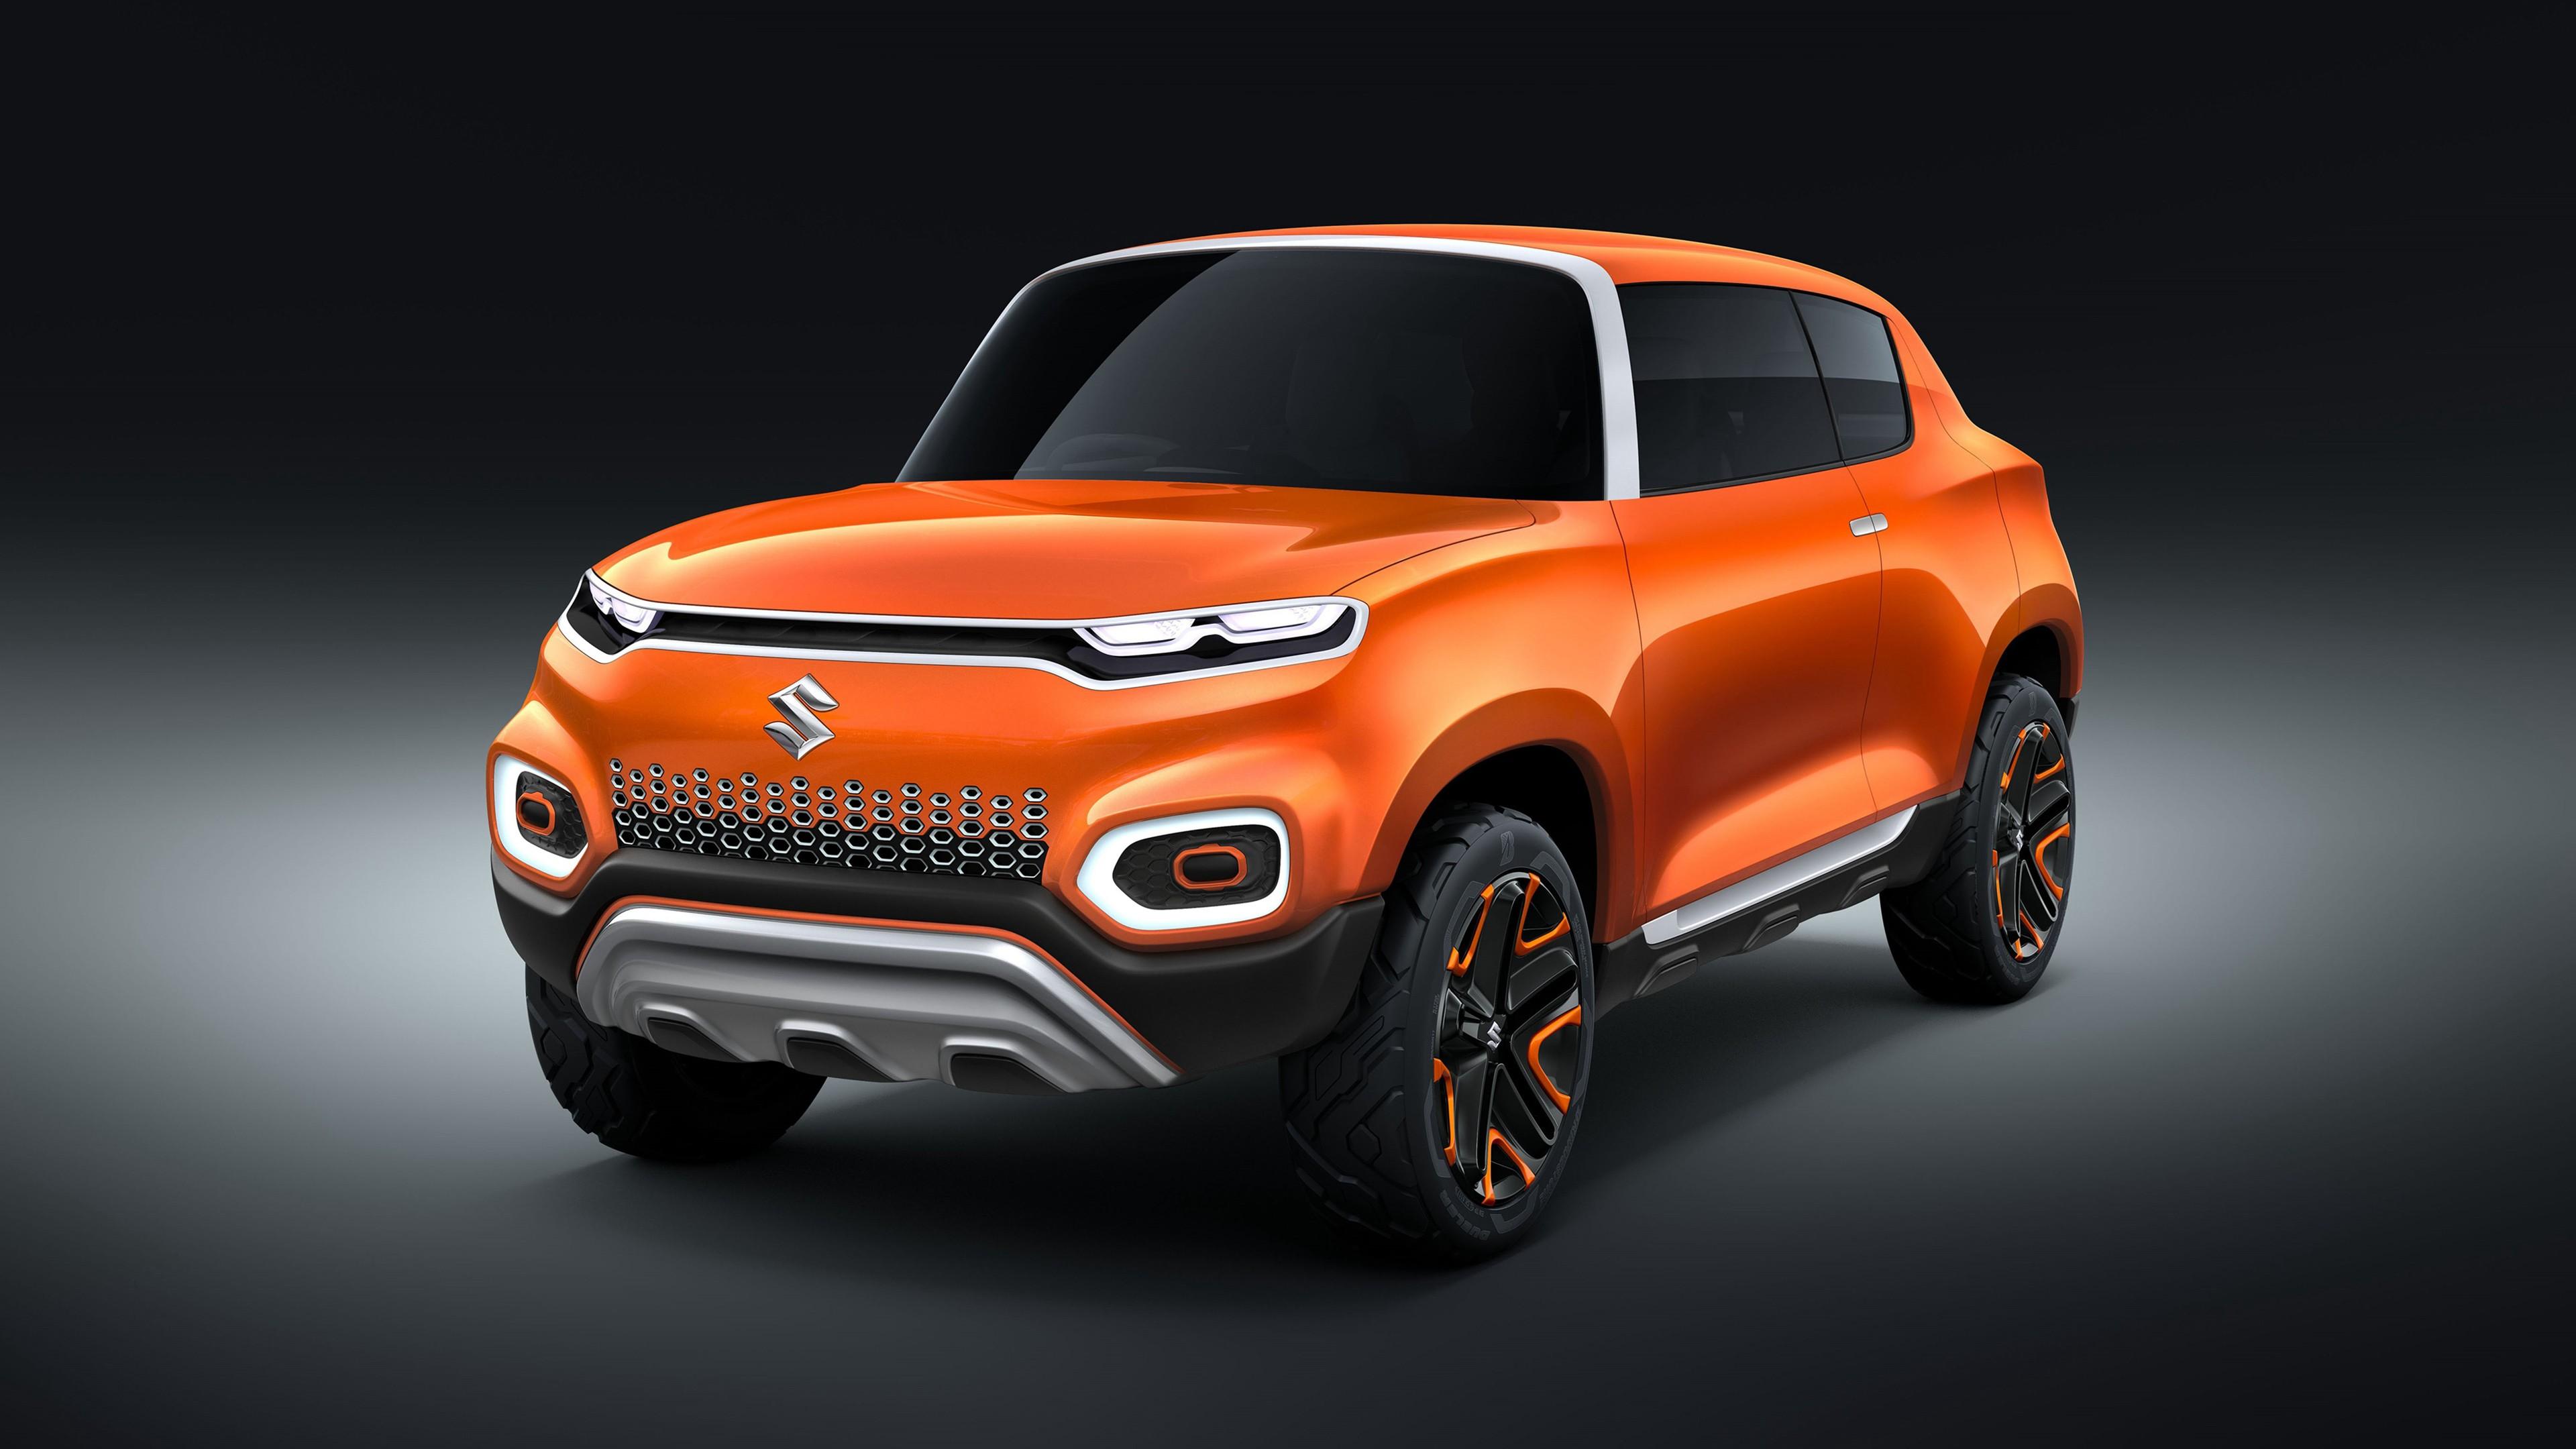 Maruti Suzuki Concept Future S 4K Auto Expo 2018 Wallpaper ...